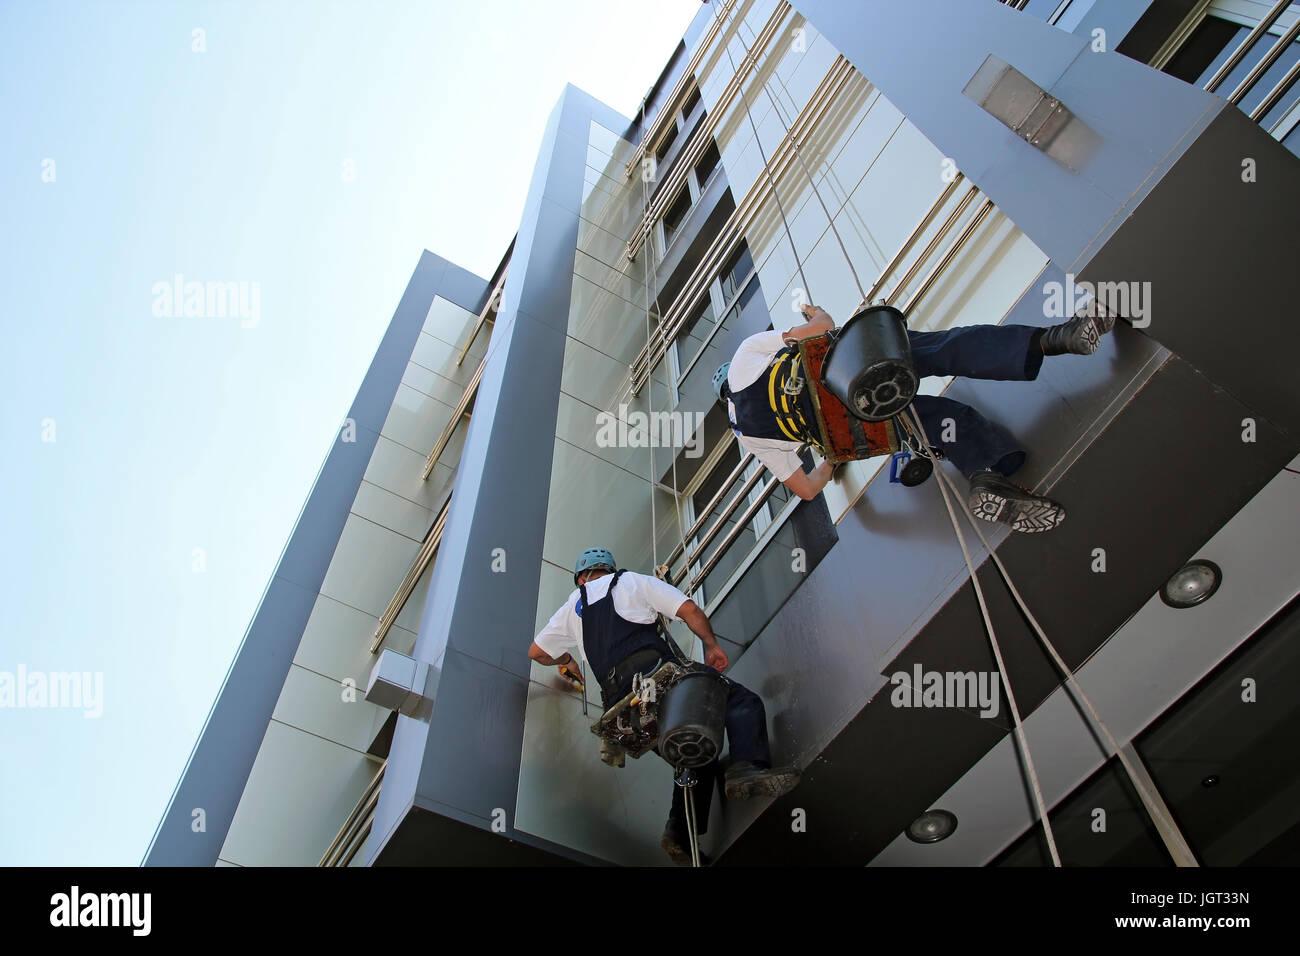 Arbeitnehmer, die Reinigung der Fenster-Fassade eines modernen Bürogebäudes. Stockbild